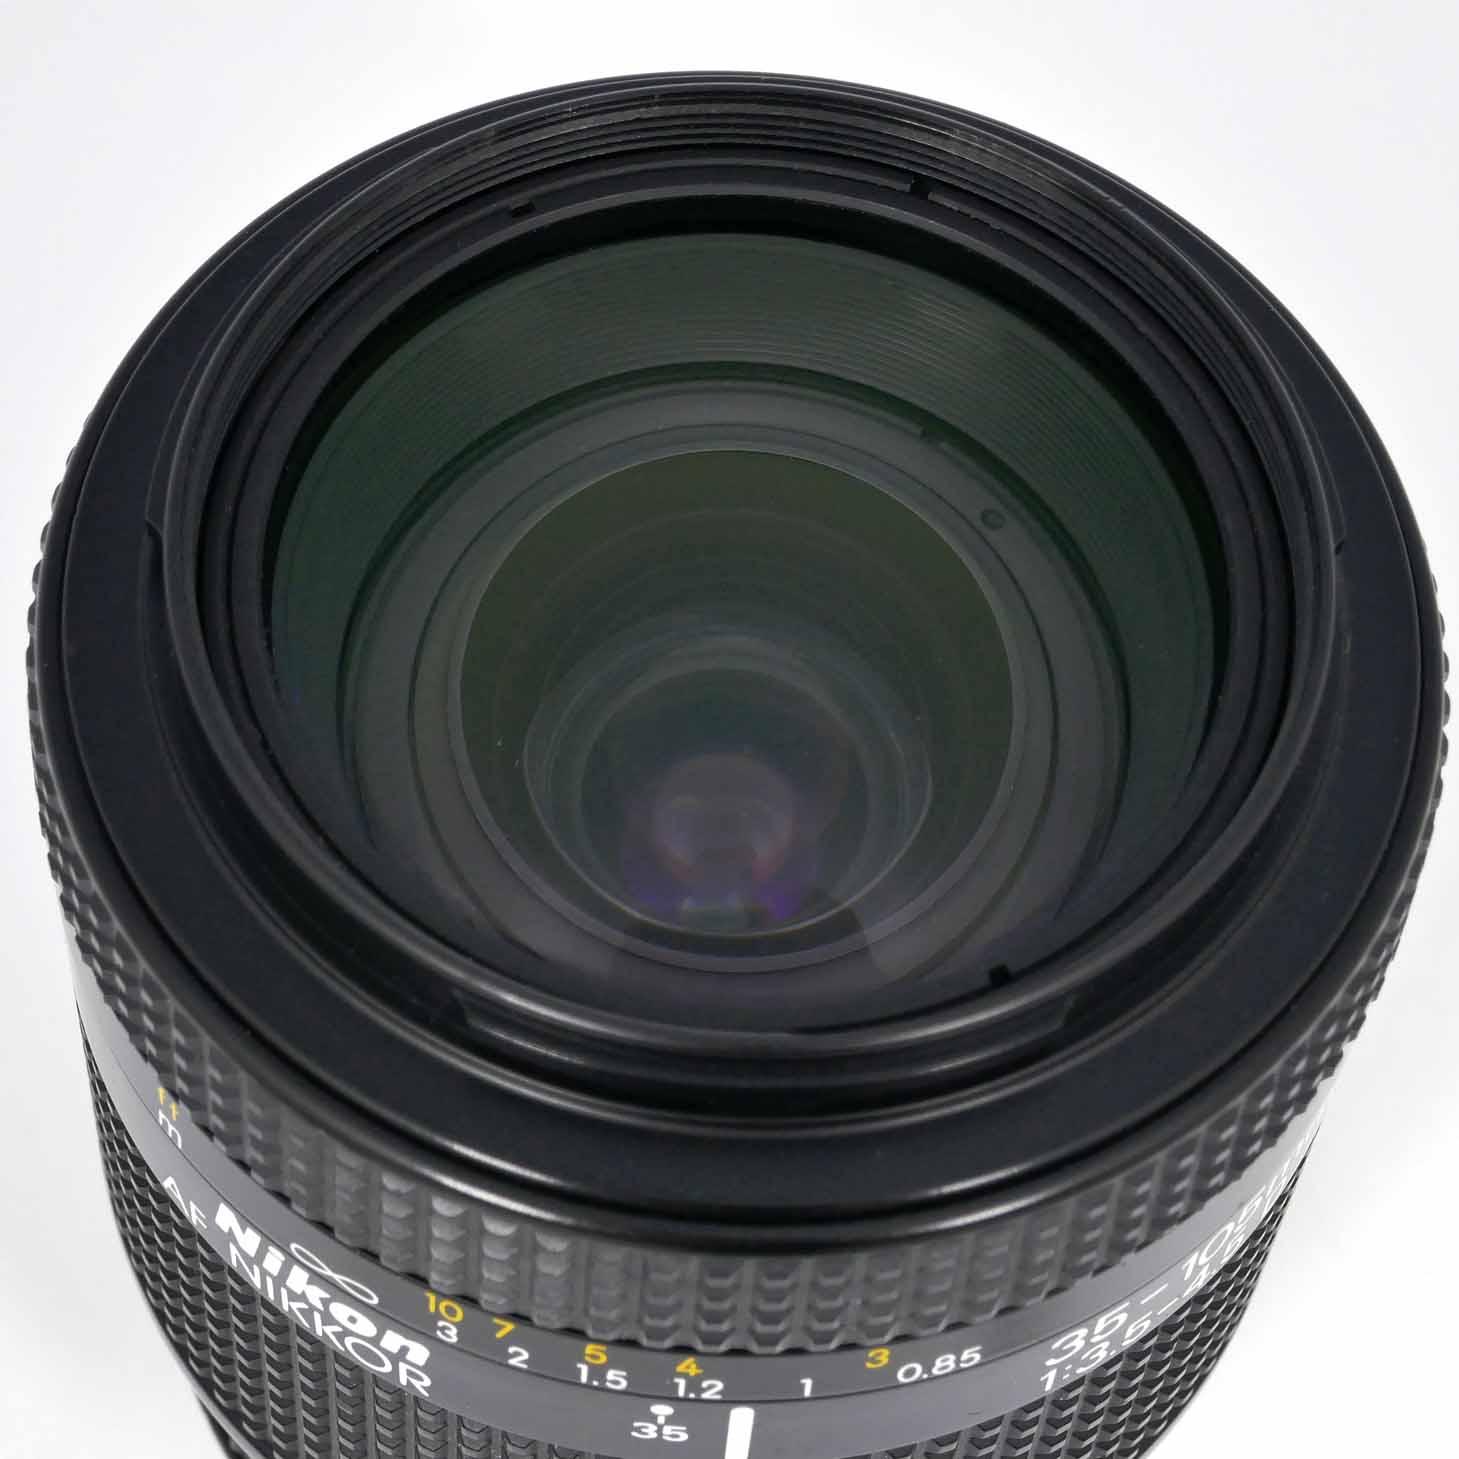 clean-cameras-Nikon-Nikkor-AF-D-35-105-mm-3.5-5.6-03